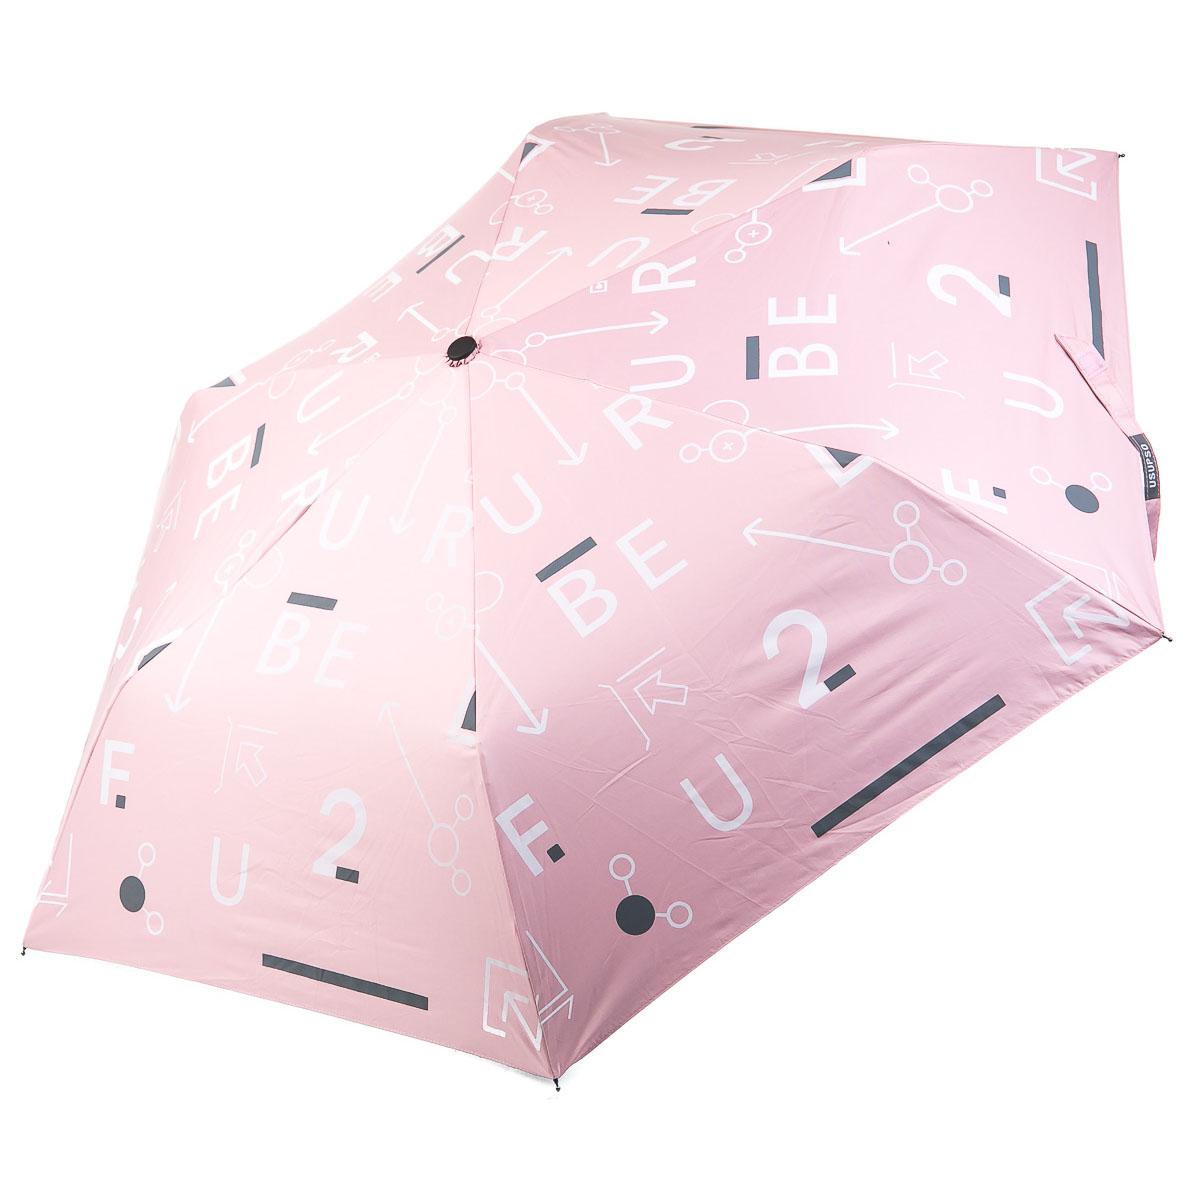 Зонт розовый с геометрическими фигурами